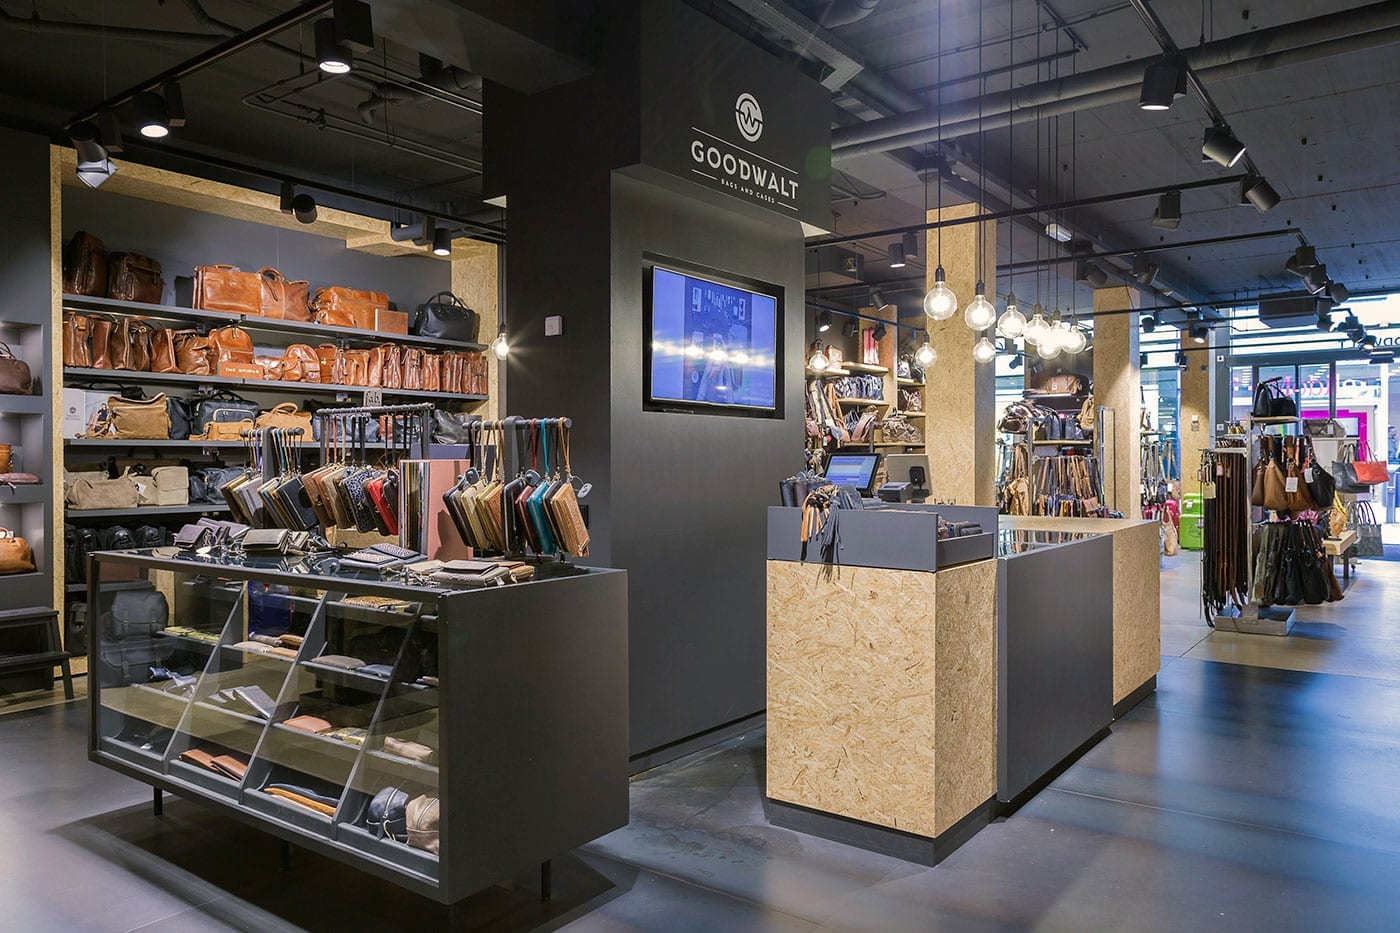 Goodwalt Bags & Cases - Onze winkel